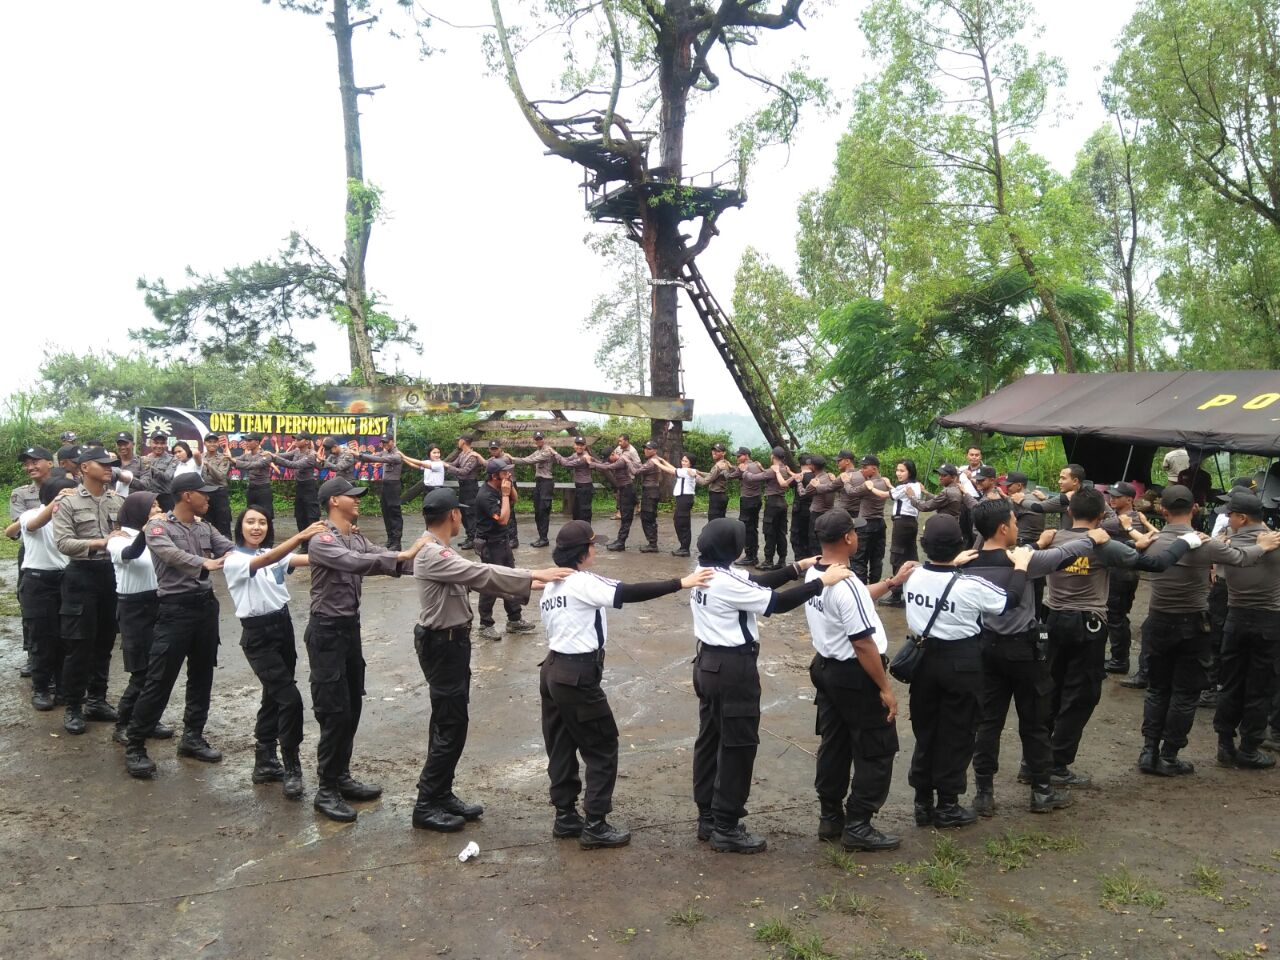 Satuan Patroli Polsek Bumiaji Polres Batu Membantu Wisatawan Yang Ban Kendaraannya Bocor